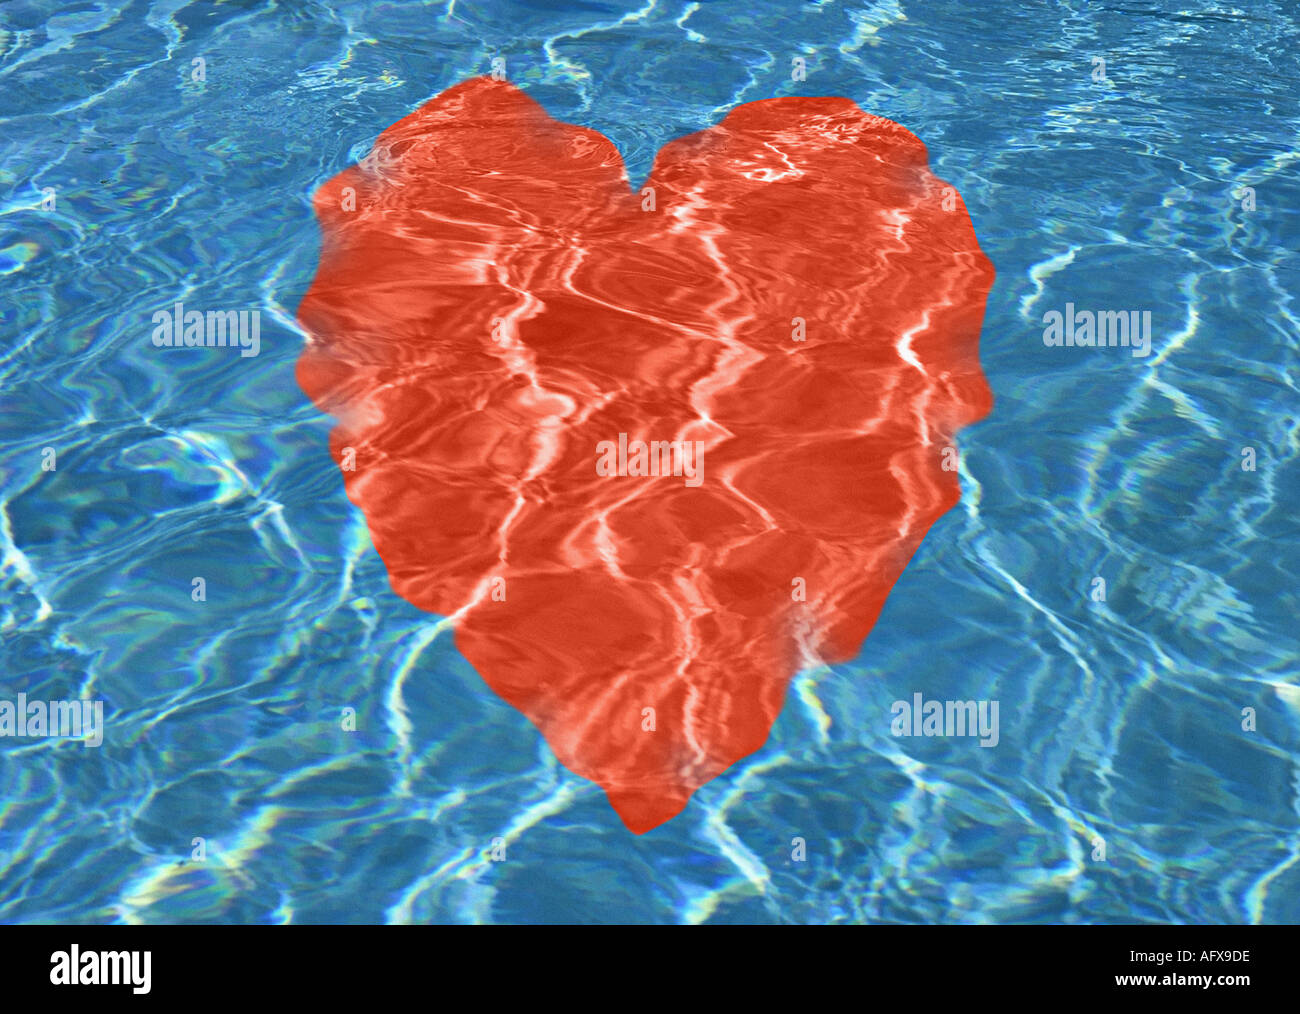 Cuore rosso sotto l'acqua Immagini Stock